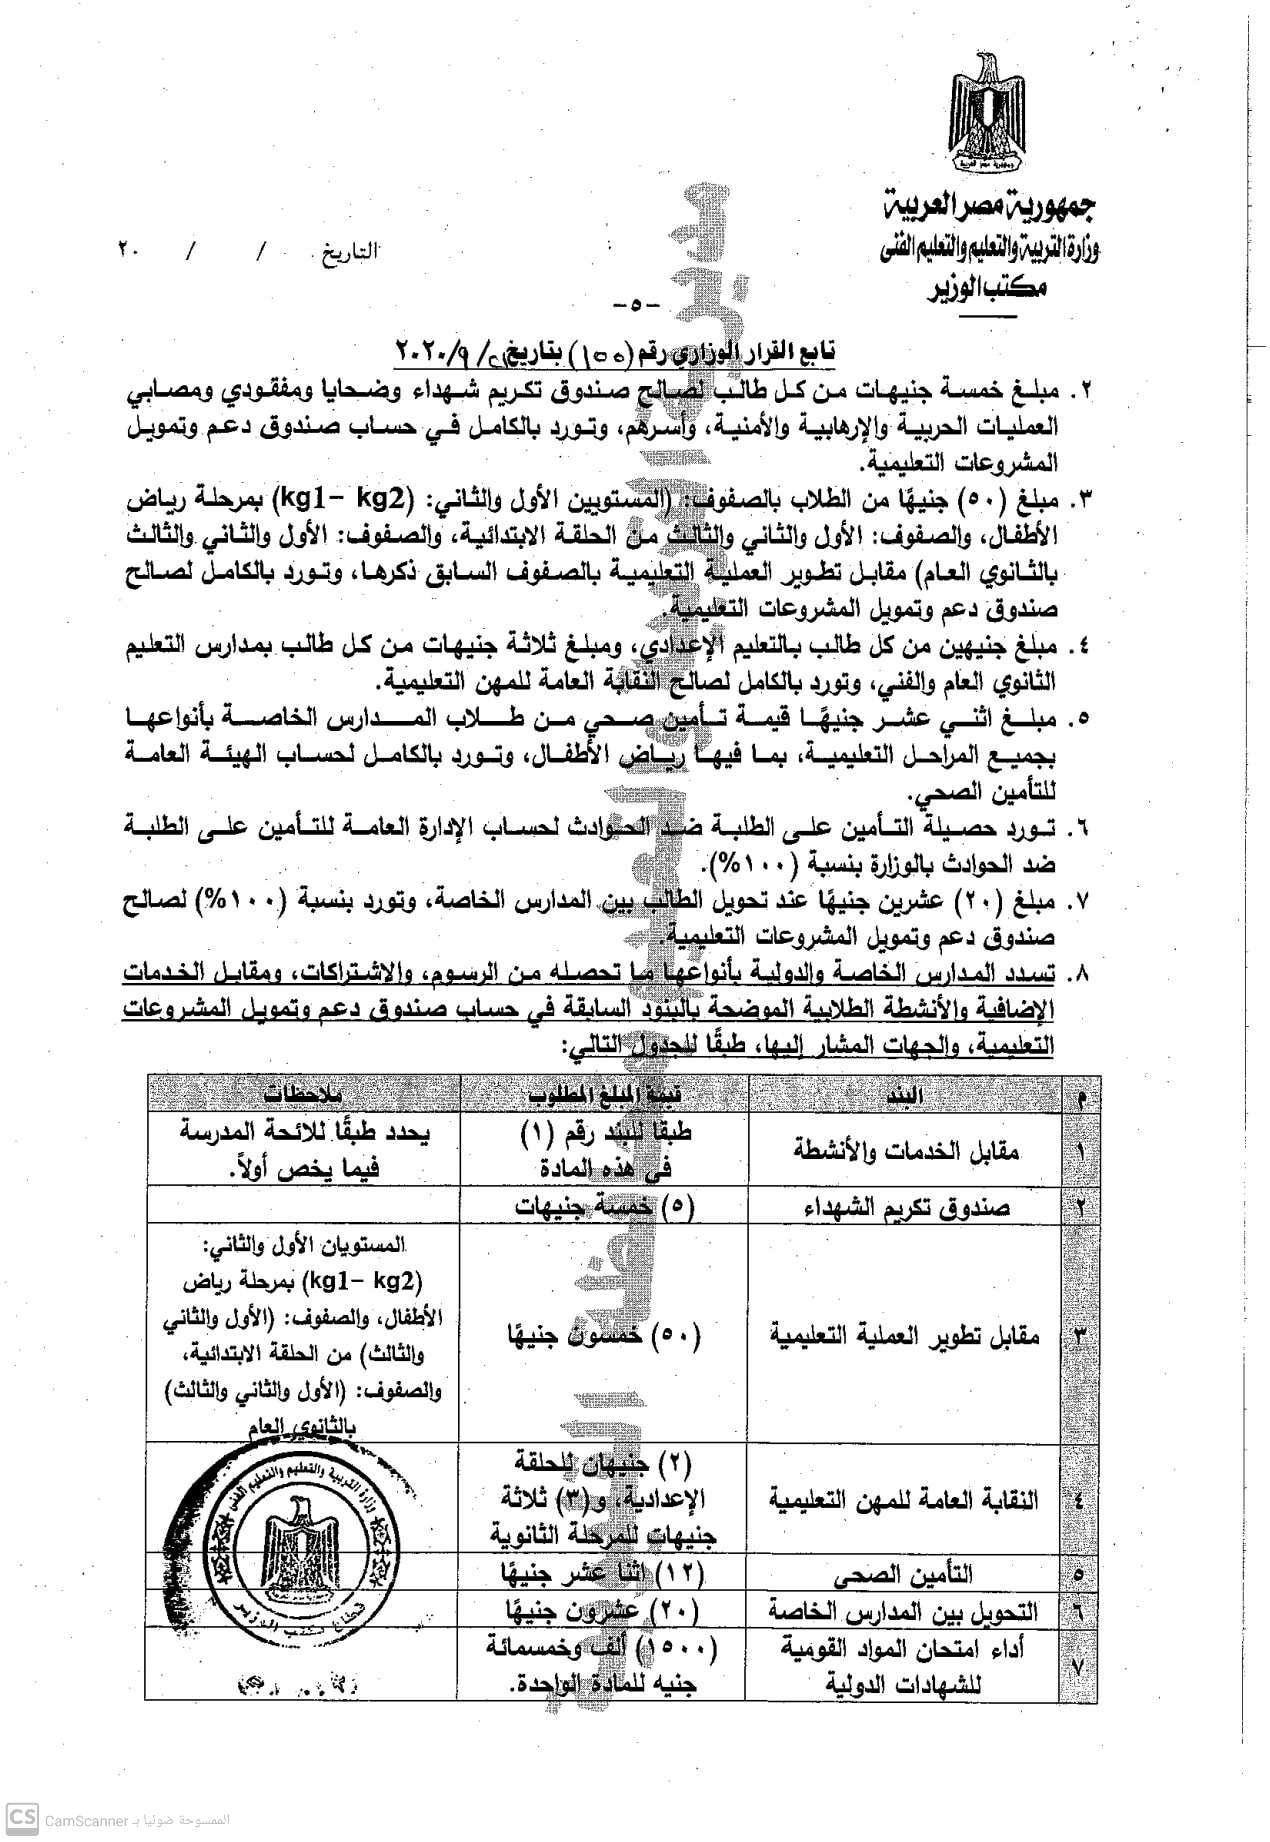 """رسميا.. المصروفات الدراسية للعام ٢٠٢١/٢٠٢٠.. من ٢٠٠ لـ ٥٠٠ جنية """"مستند"""" 5"""